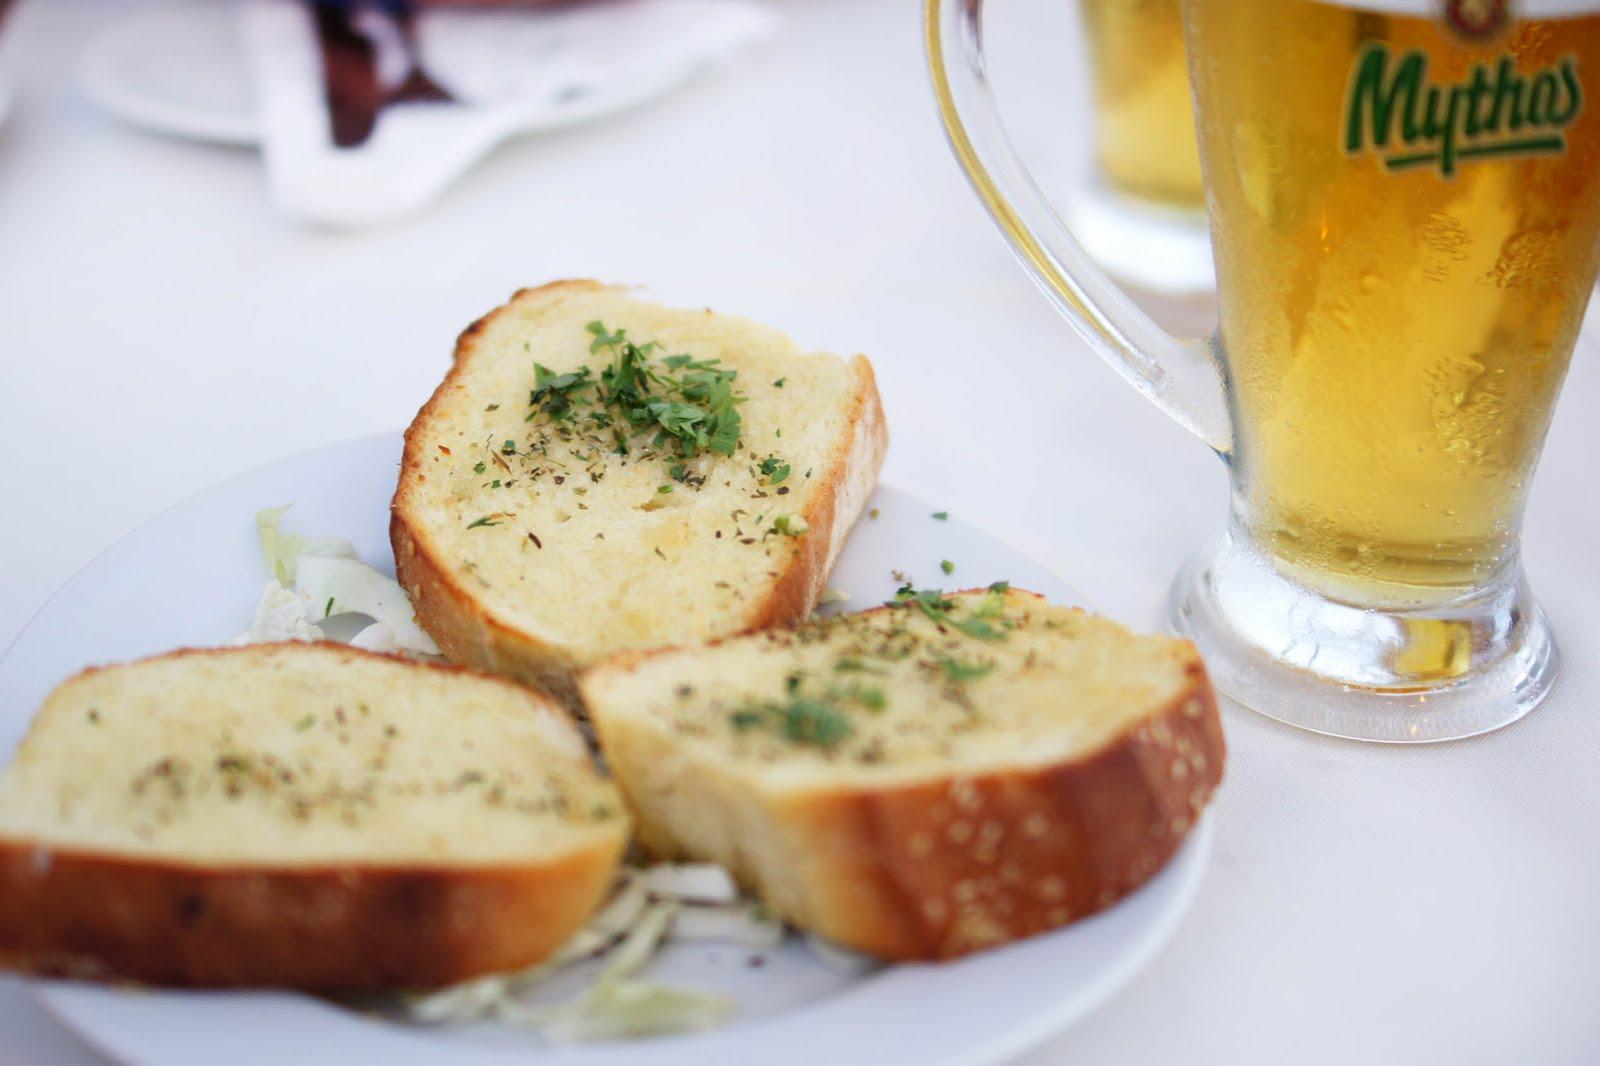 wat eten grieken als ontbijt